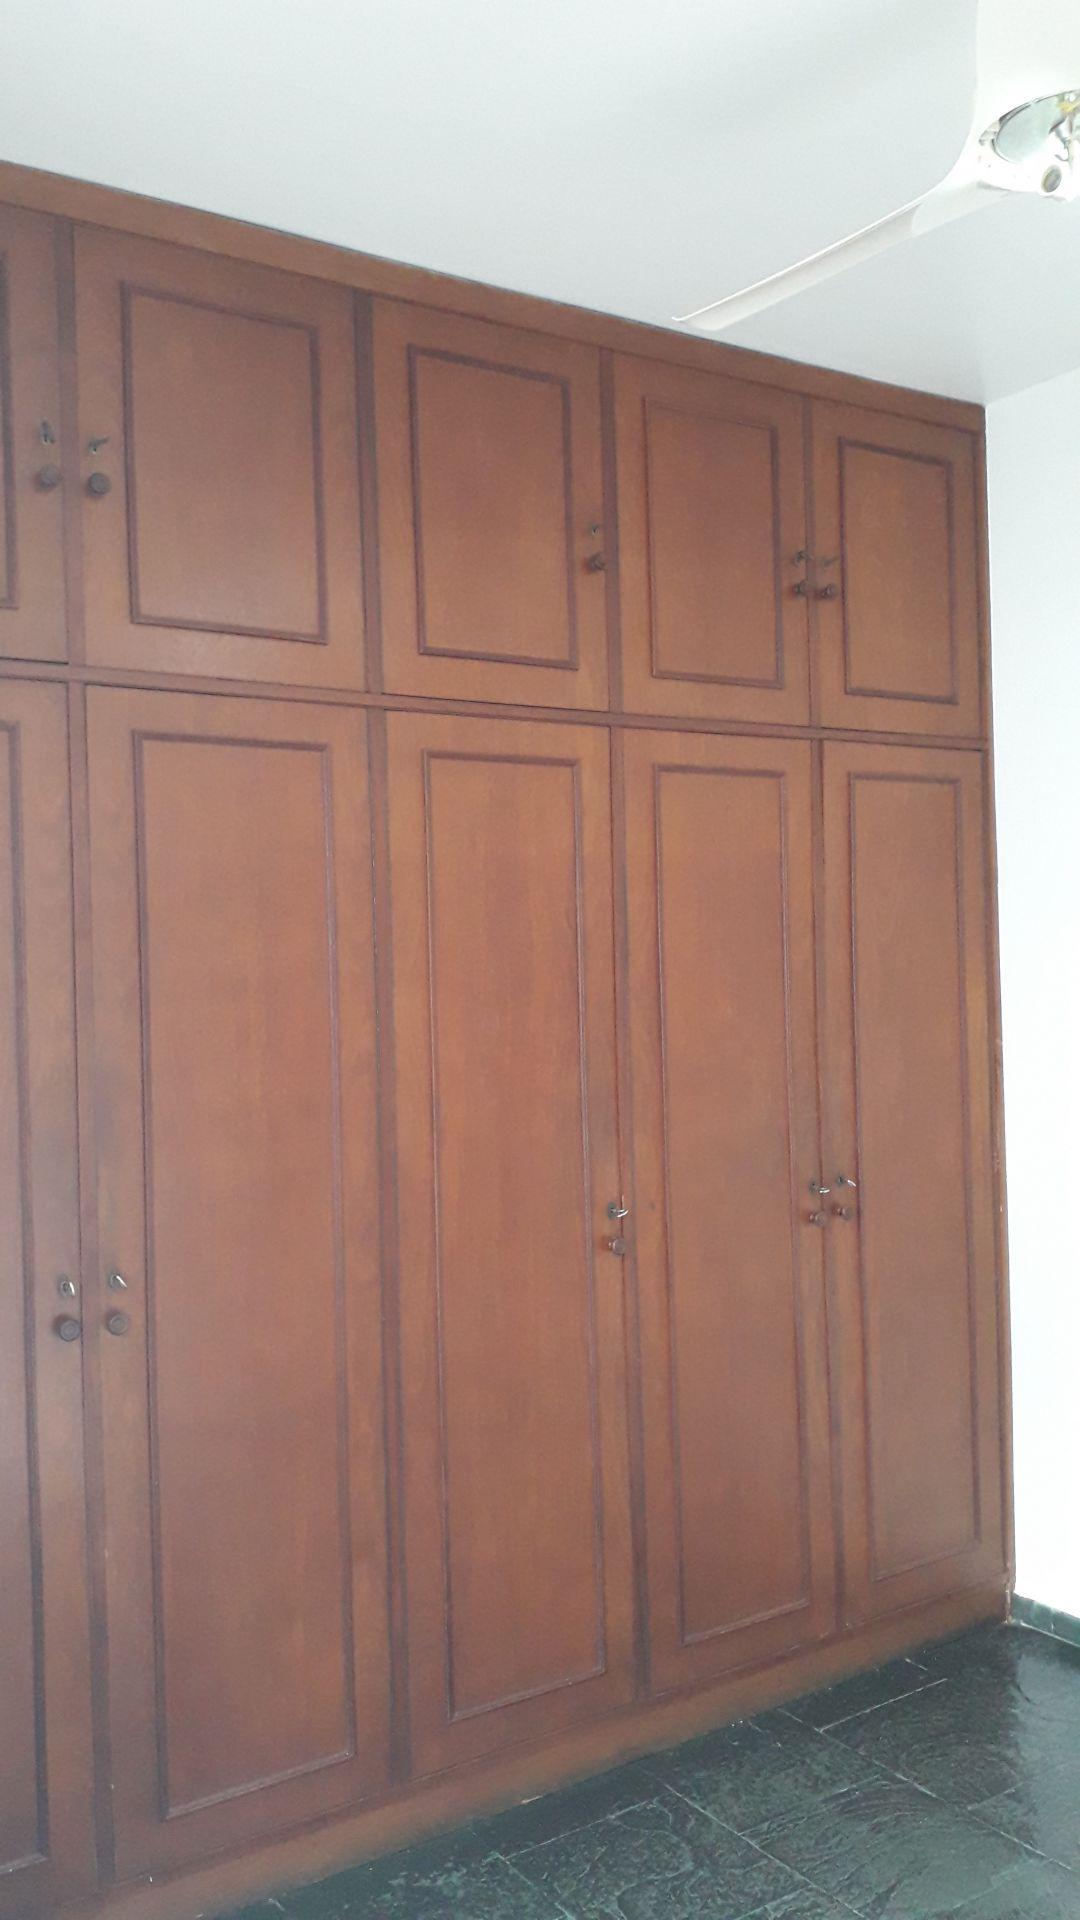 QUARTO 1 - Apartamento Rua visconde de santa isabel,Grajaú, Grajaú,Rio de Janeiro, RJ À Venda, 2 Quartos, 59m² - 000484 - 21